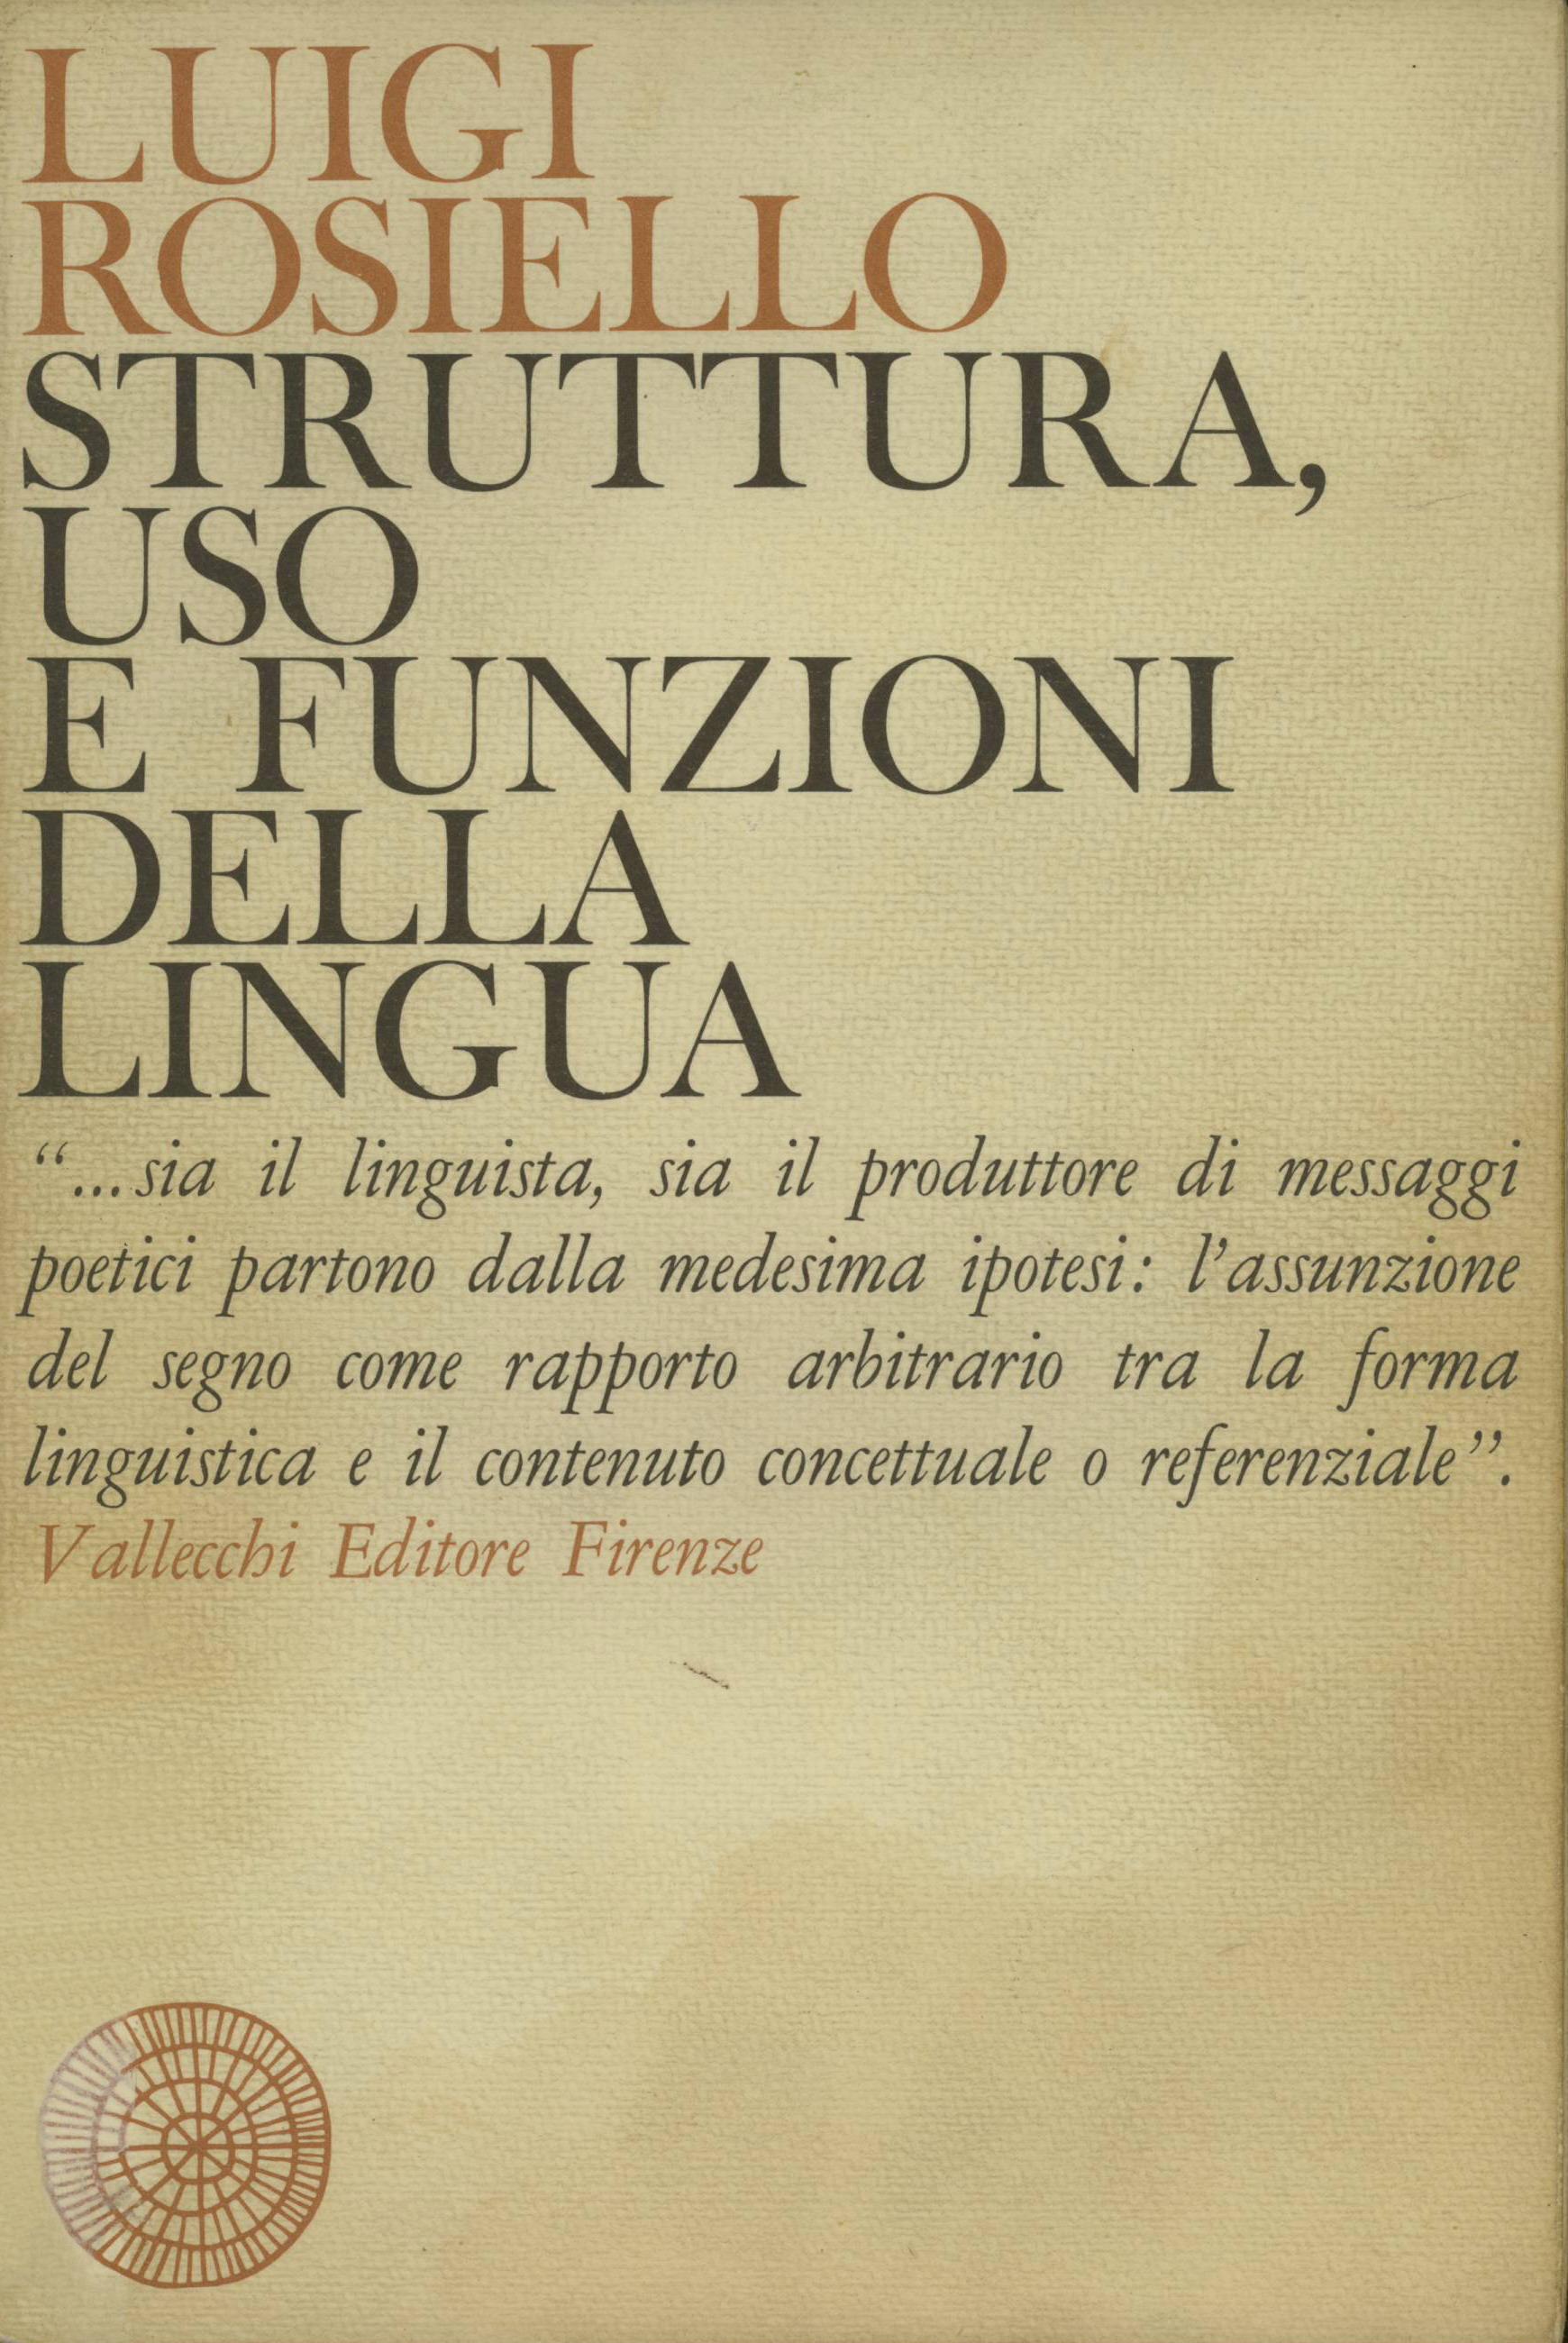 Struttura, uso e funzioni della lingua